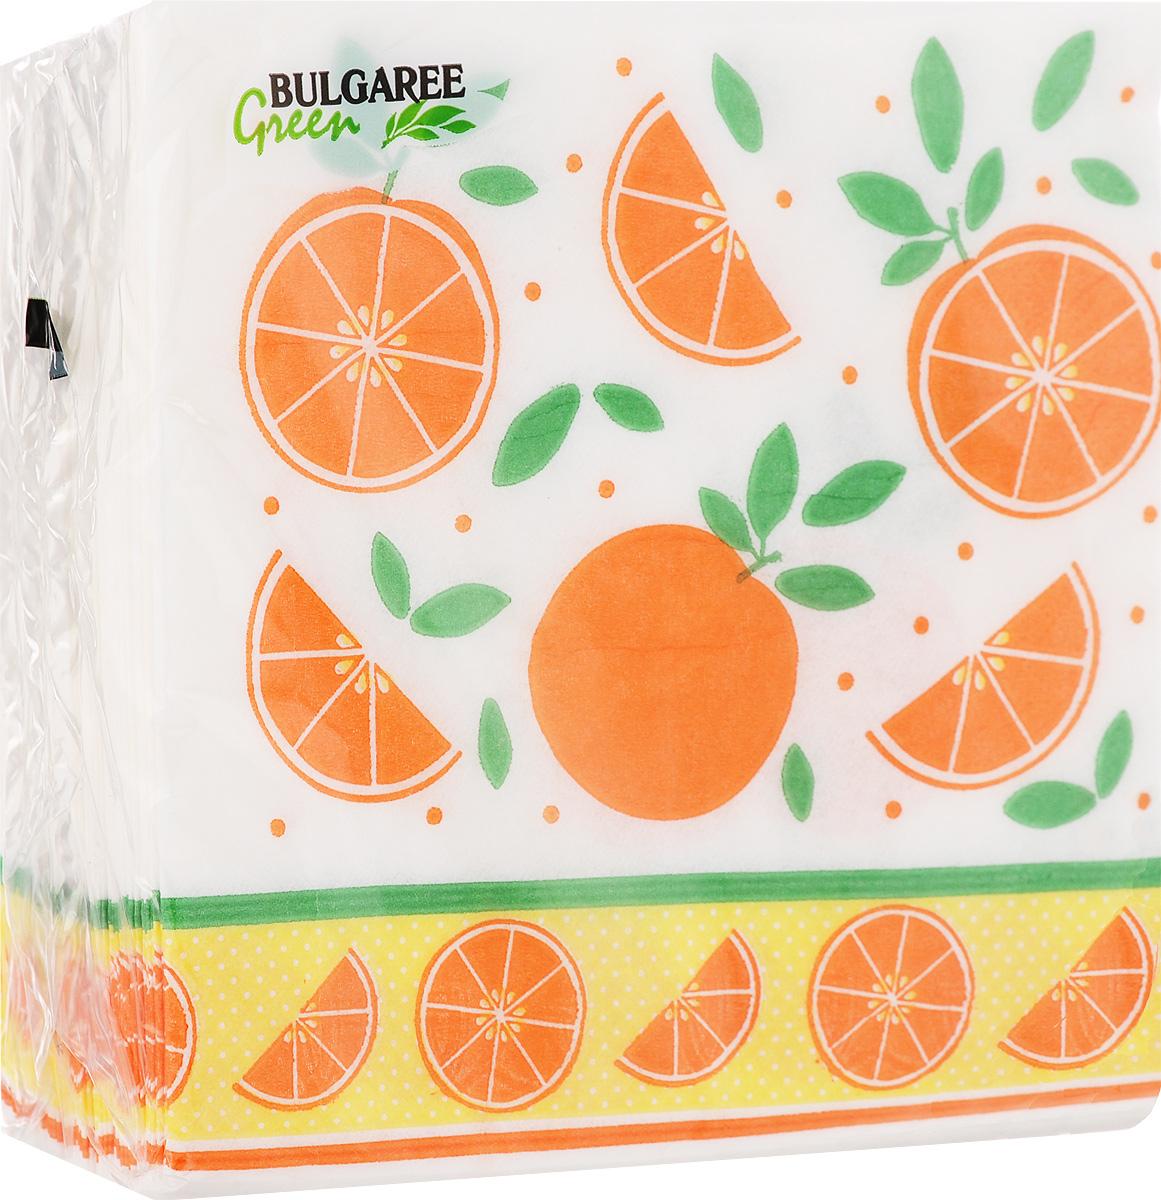 Салфетки бумажные Bulgaree Green Апельсины, однослойные, 24 х 24 см, 100 шт20808Декоративные однослойные салфетки Bulgaree Green Апельсины выполнены из 100%целлюлозы европейского качества и оформлены ярким рисунком. Изделия станут отличным дополнением любого праздничного стола. Они отличаются необычной мягкостью, прочностью и оригинальностью.Размер салфеток в развернутом виде: 24 х 24 см.